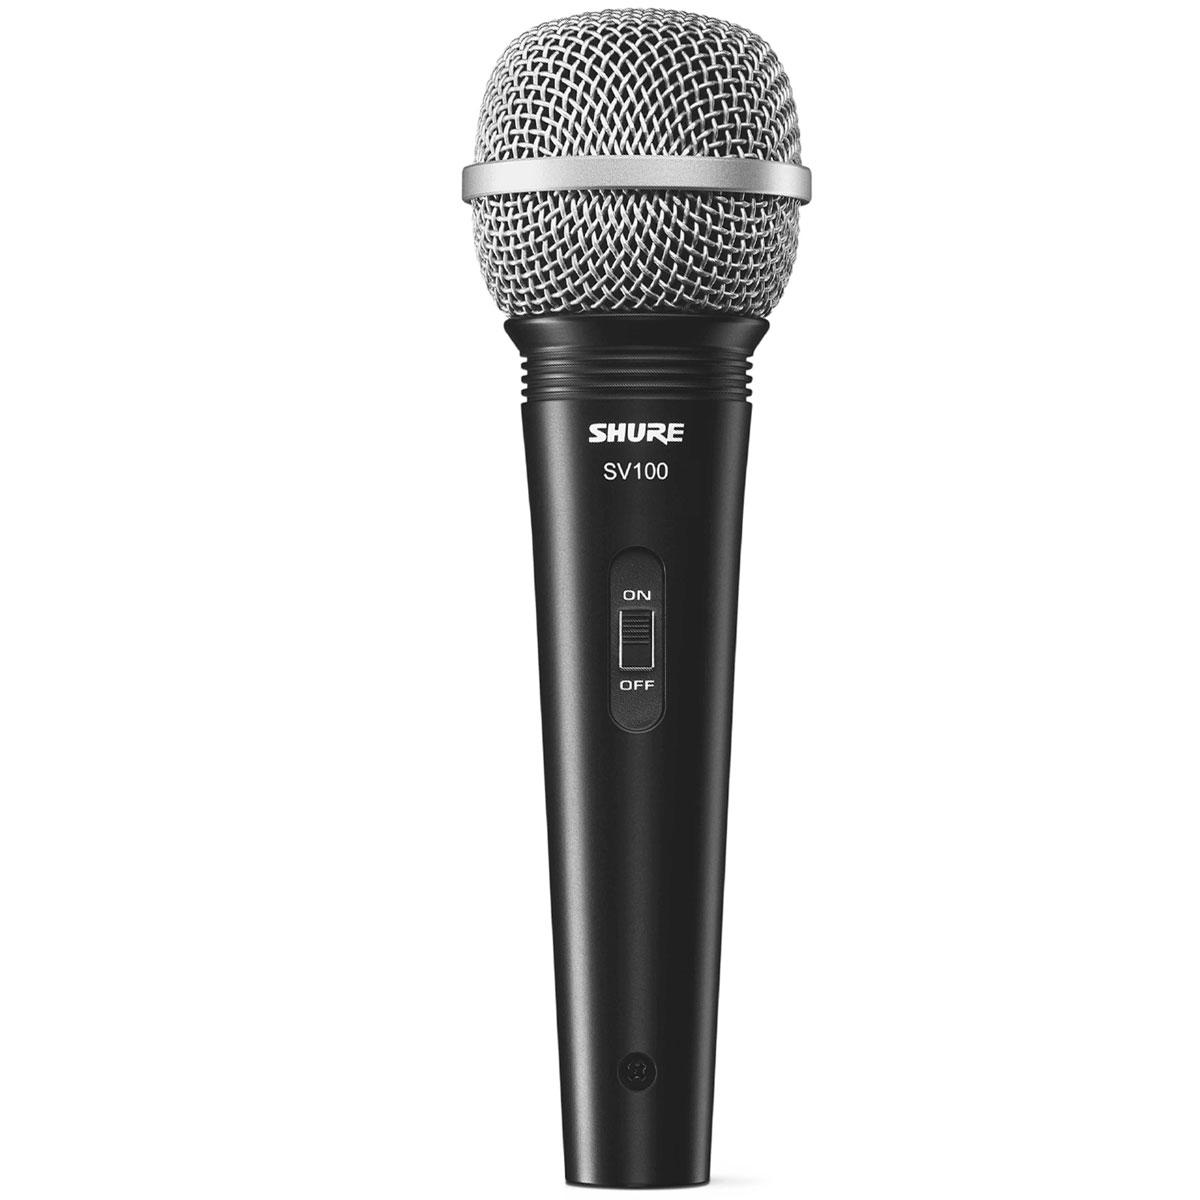 SV100 - Microfone c/ Fio de M�o SV 100 - Shure